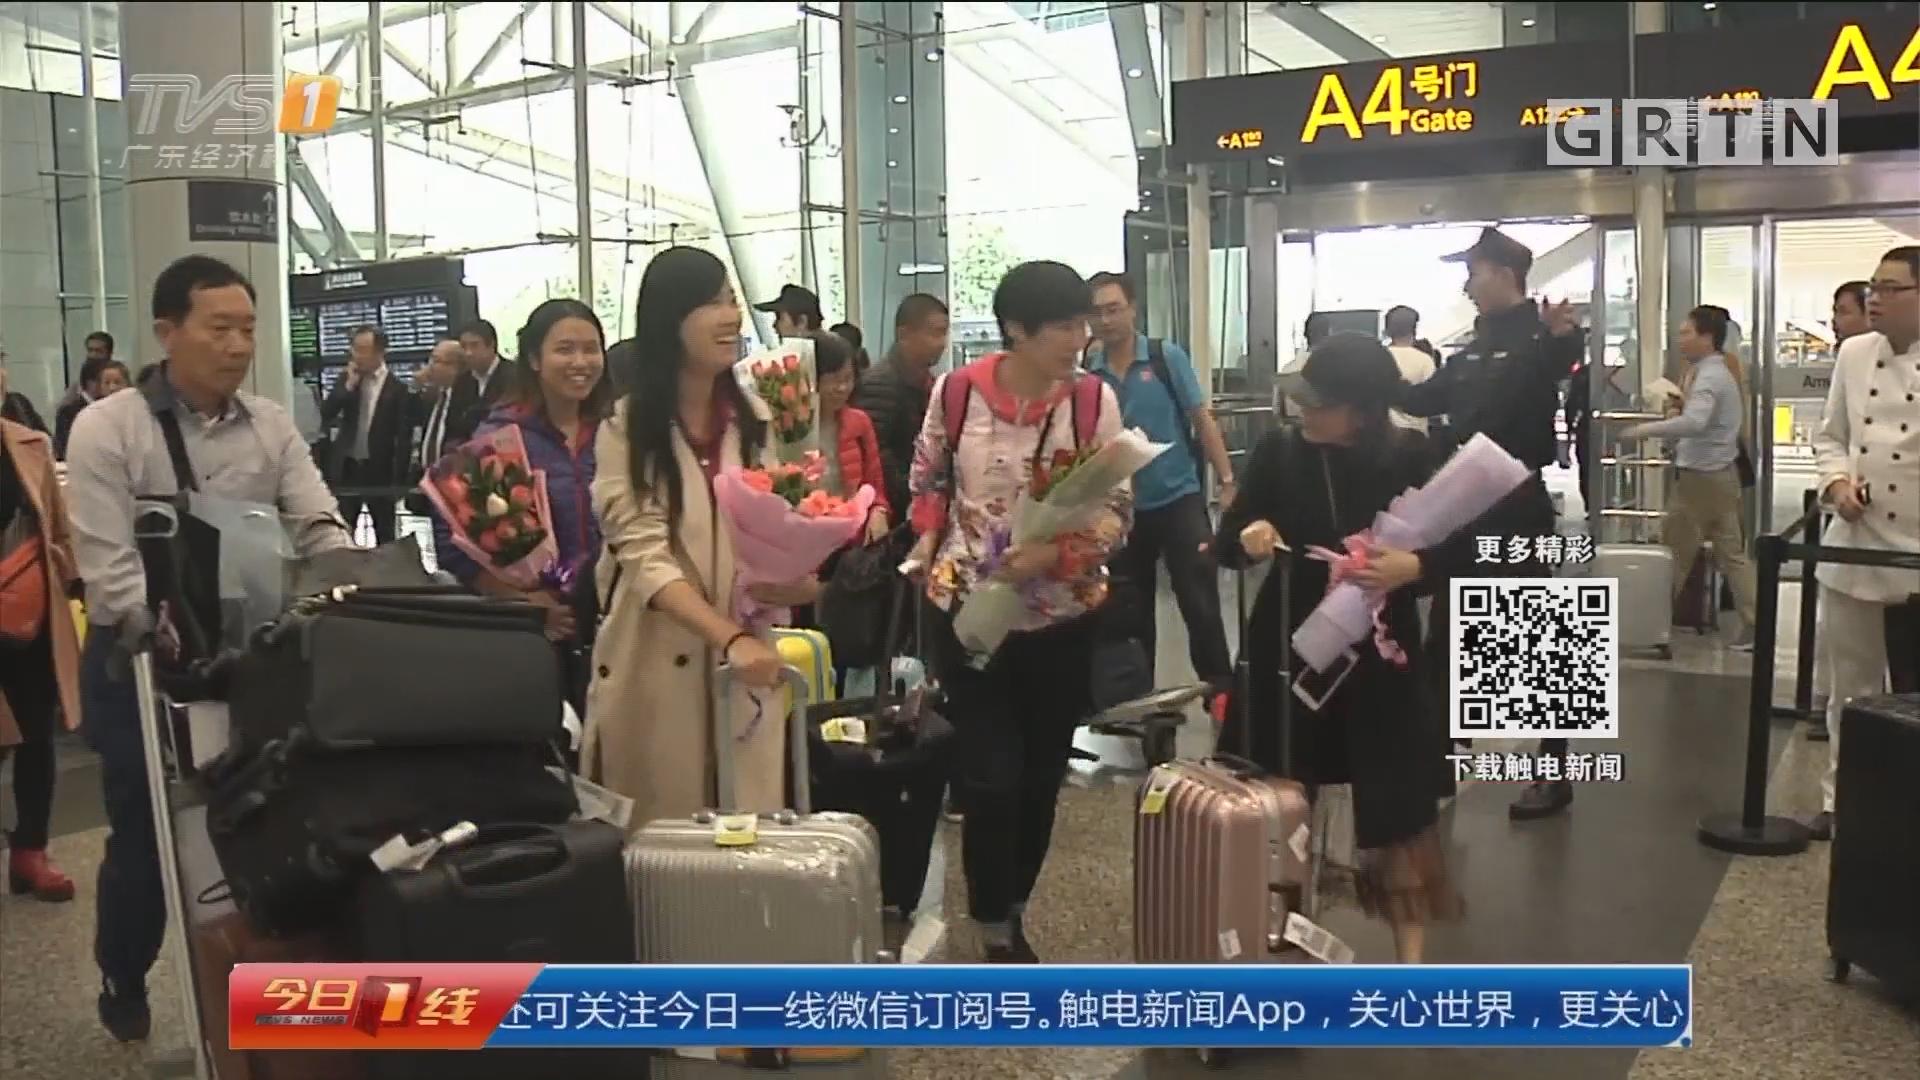 火山喷发 巴厘岛机场关闭后续:广东首批16名游客被专机安全接回国